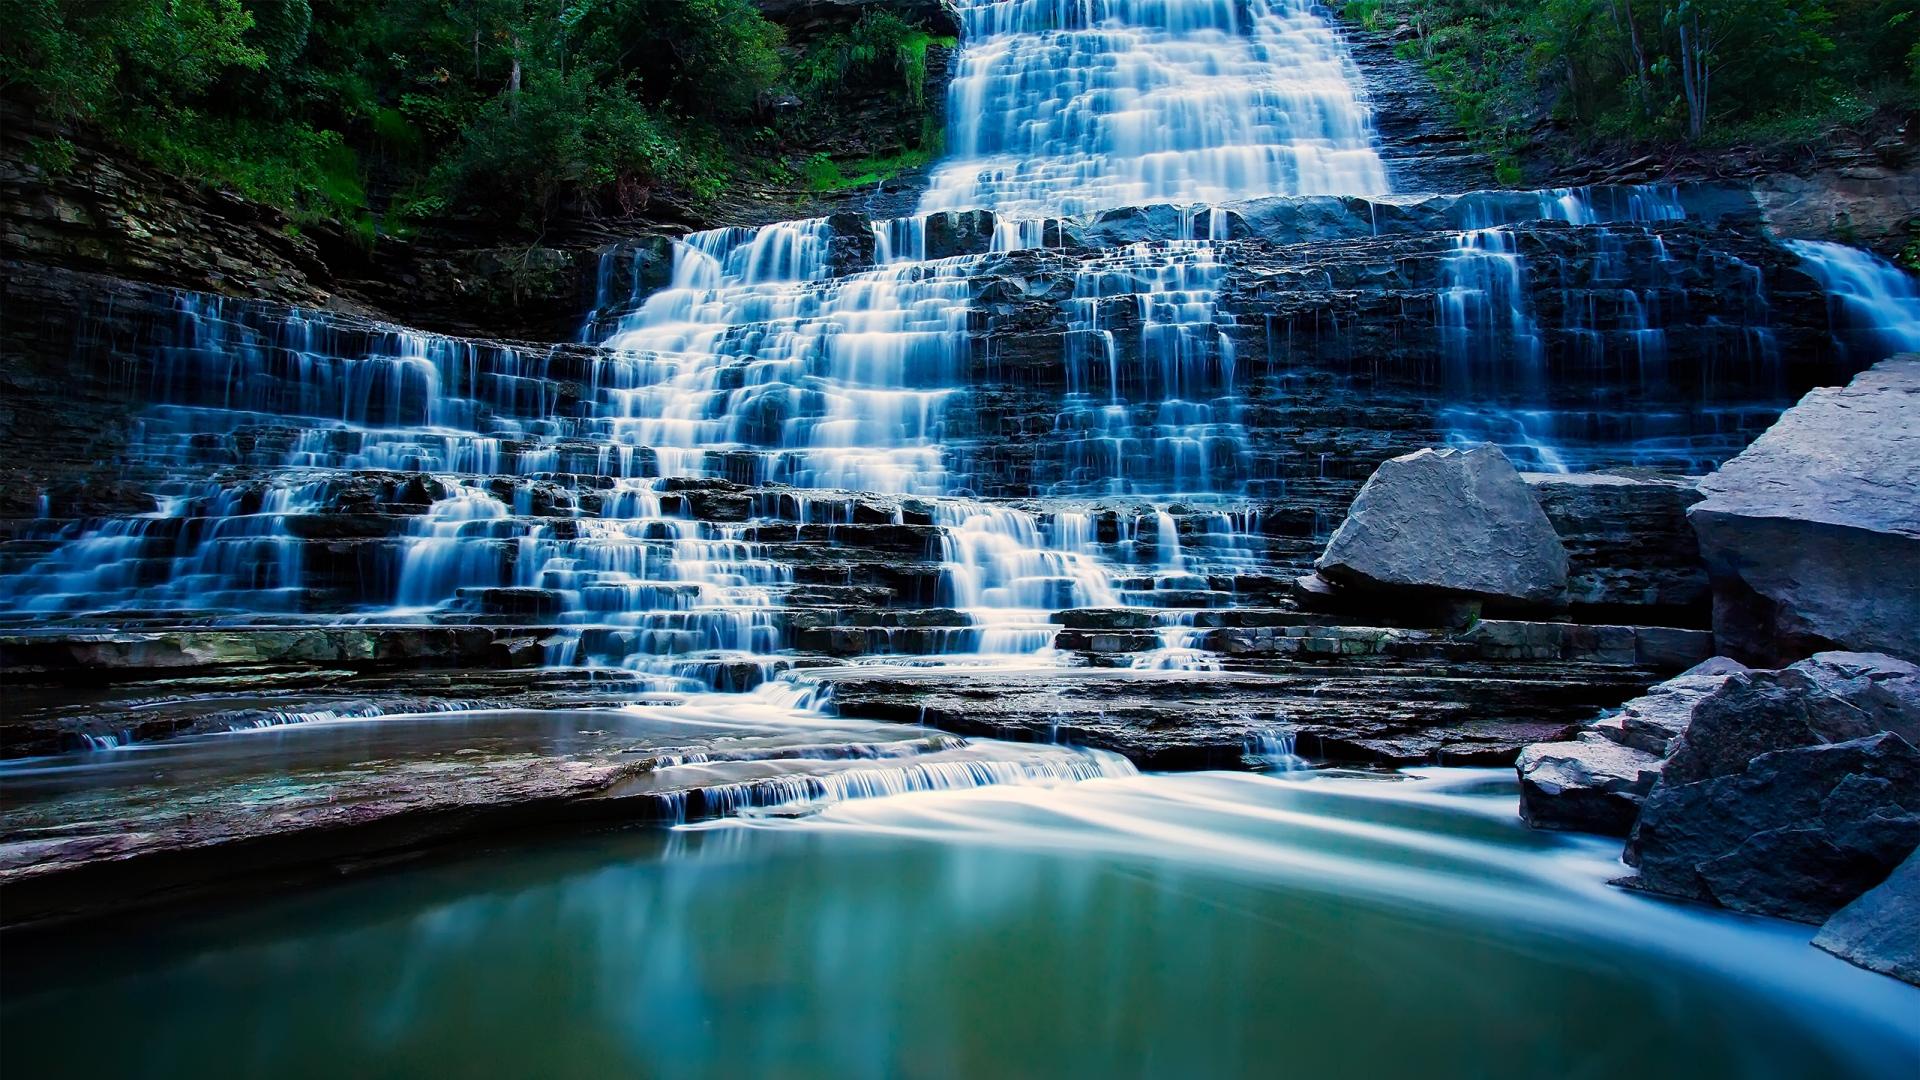 Fall Wallpaper For Desktop Free Waterfall Backgrounds Free Pixelstalk Net